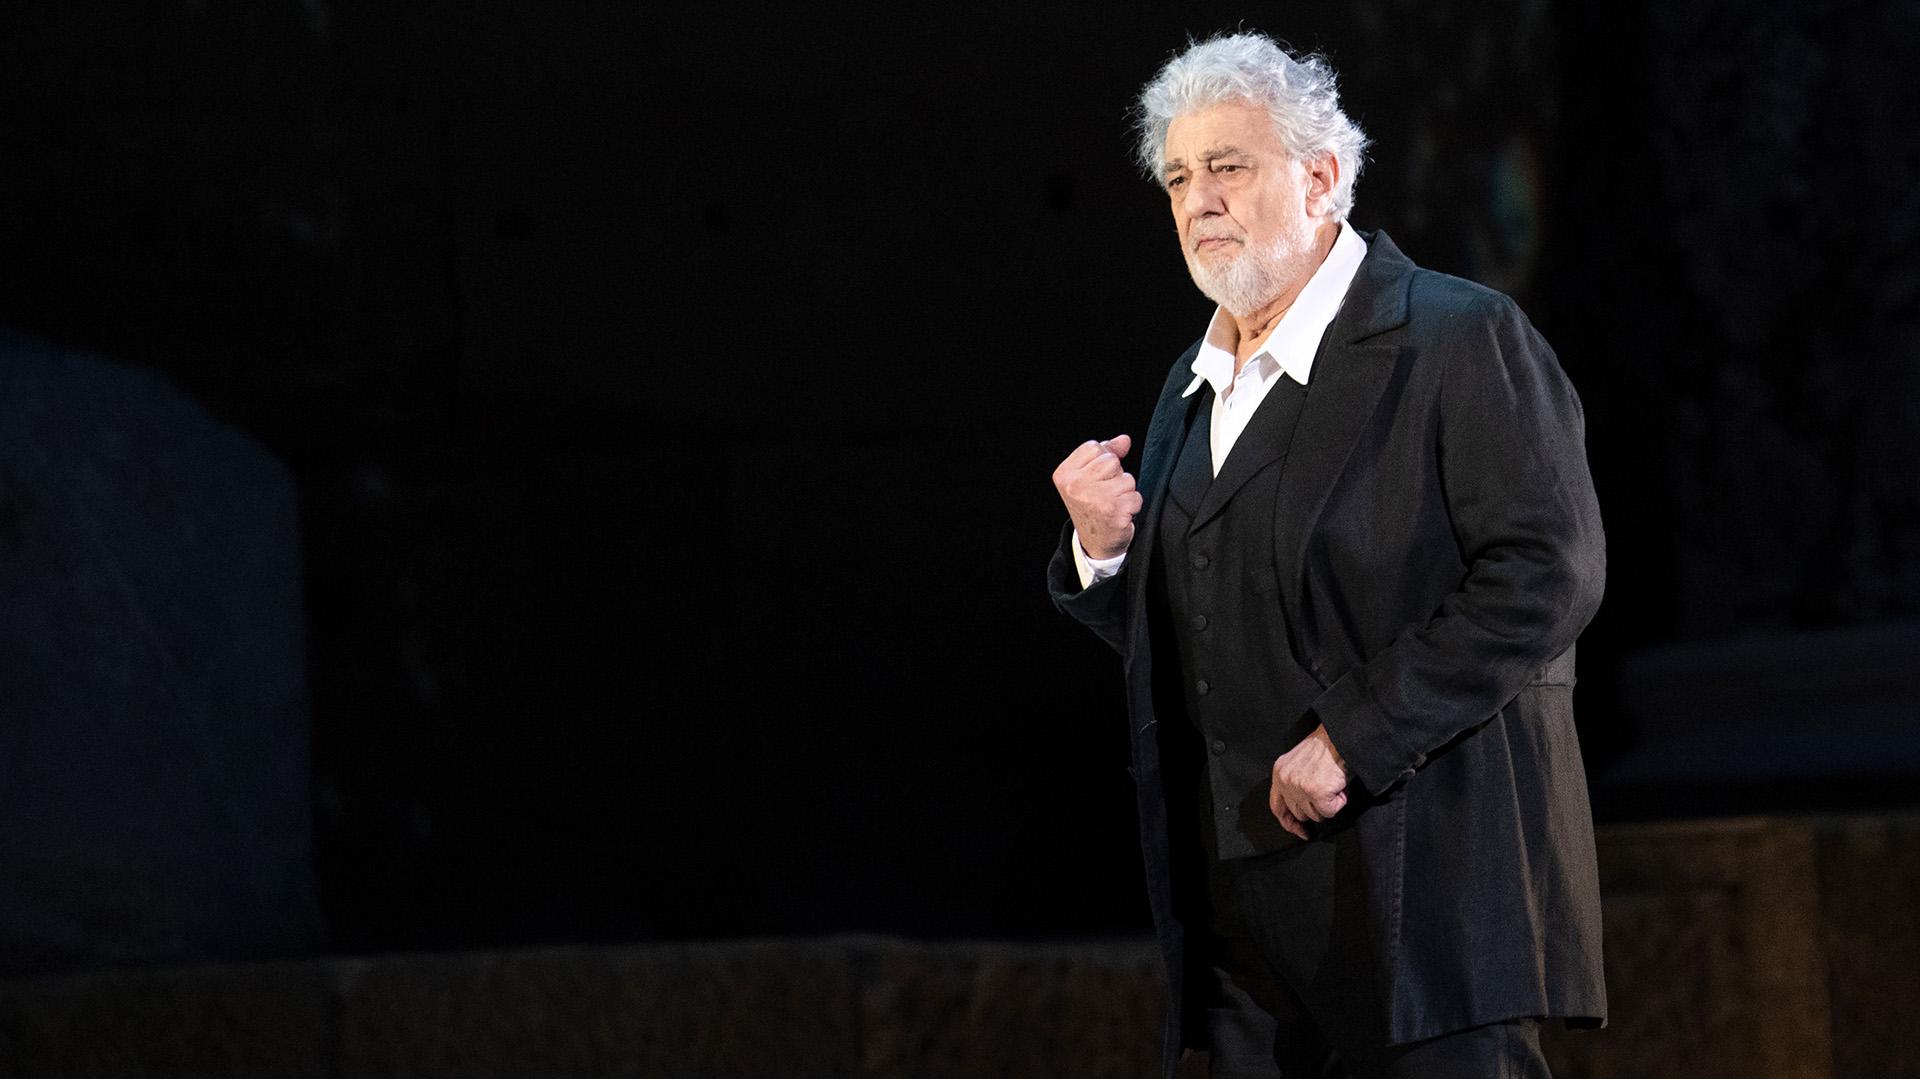 Por acusaciones en su contra: Plácido Domingo dimite a la dirección de La Ópera de Los Ángeles